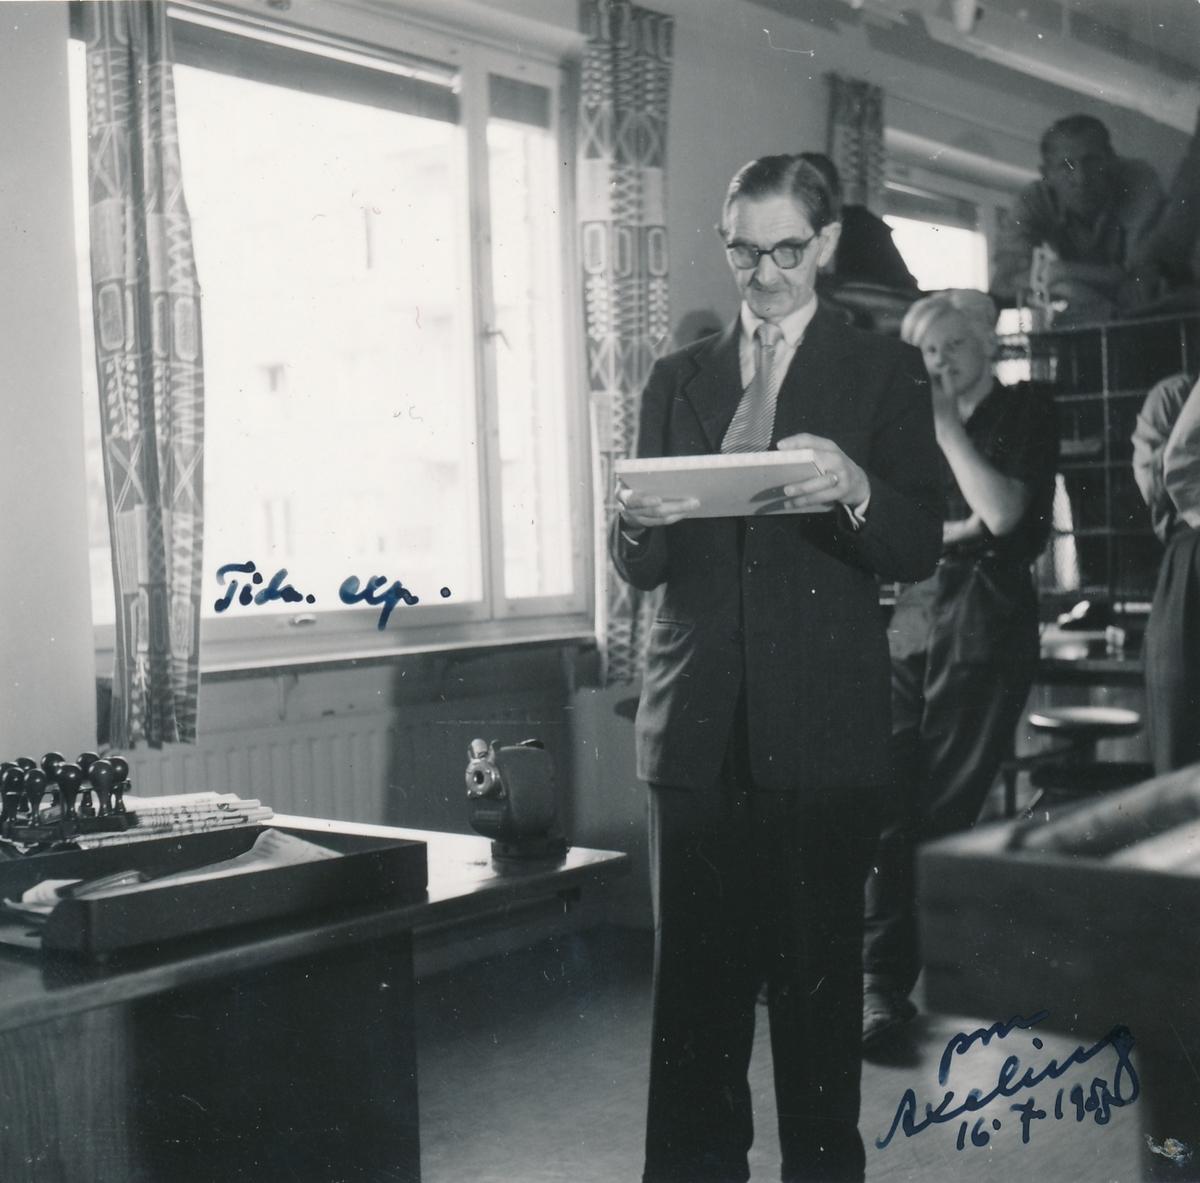 Tidningsexpeditionen i Johanneshov. På fotografiet ser vi interiören av kontoret samt Postmästare H. Axeling med personal.